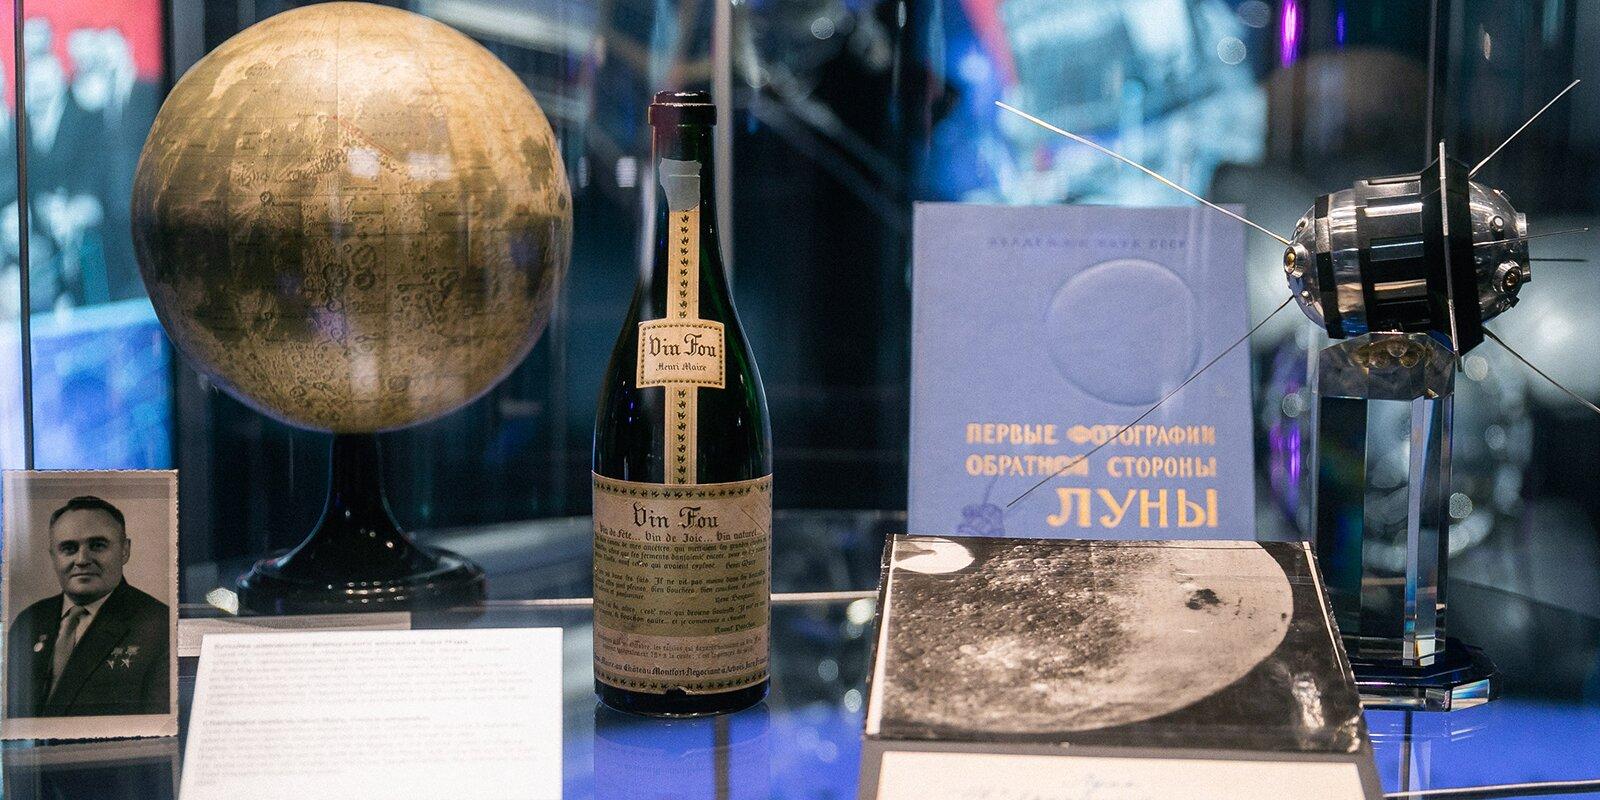 Праздник под стеклом. Самые новогодние экспонаты музеев Москвы